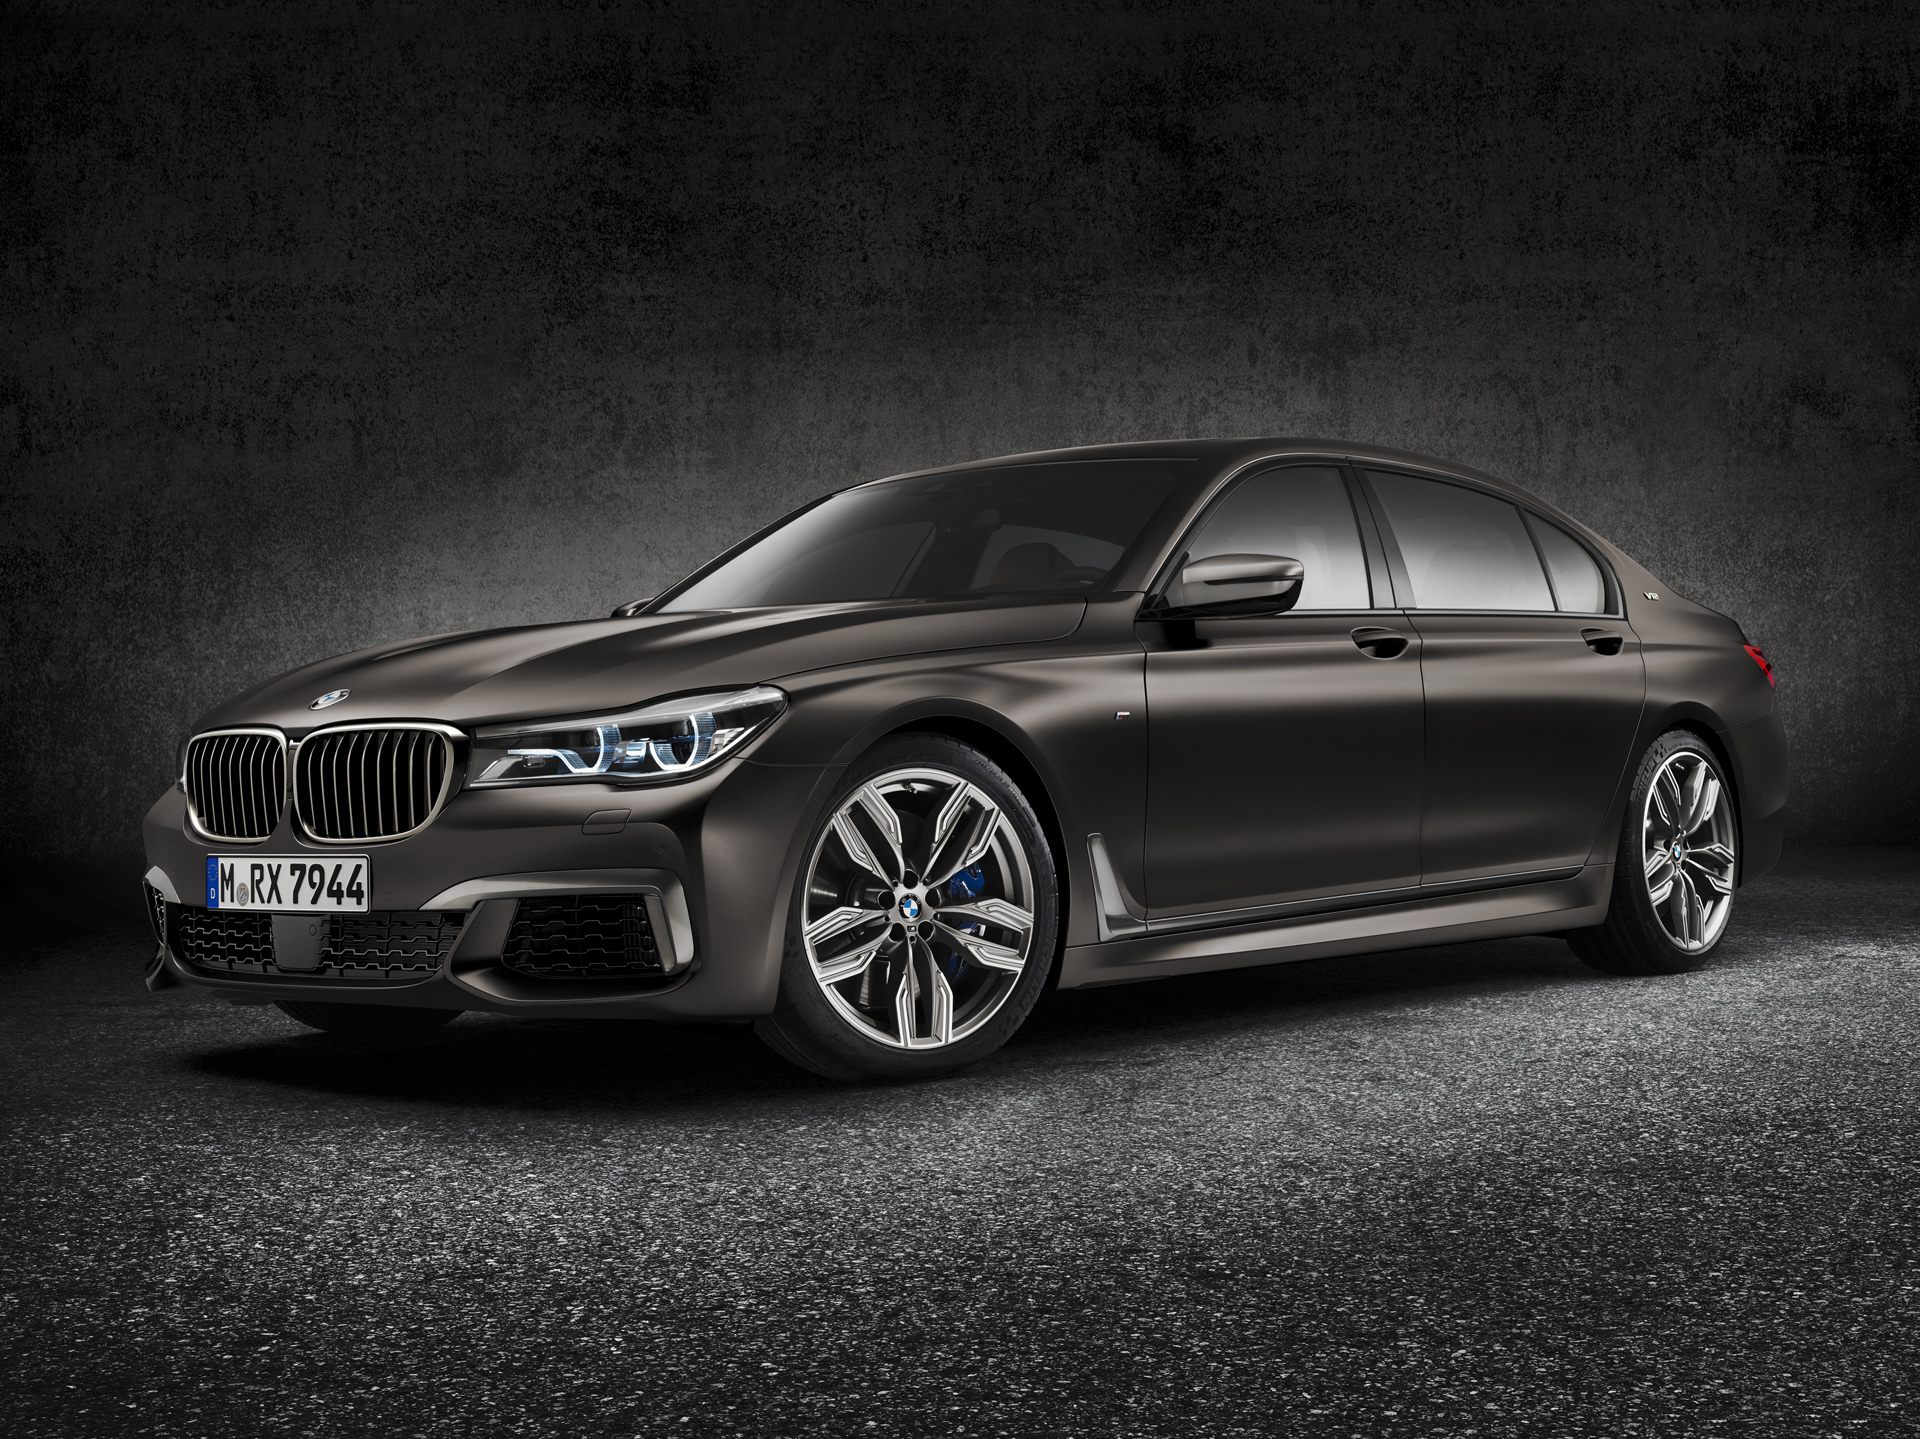 Kraj za BMW M760Li zbog emisije štetnih gasova?